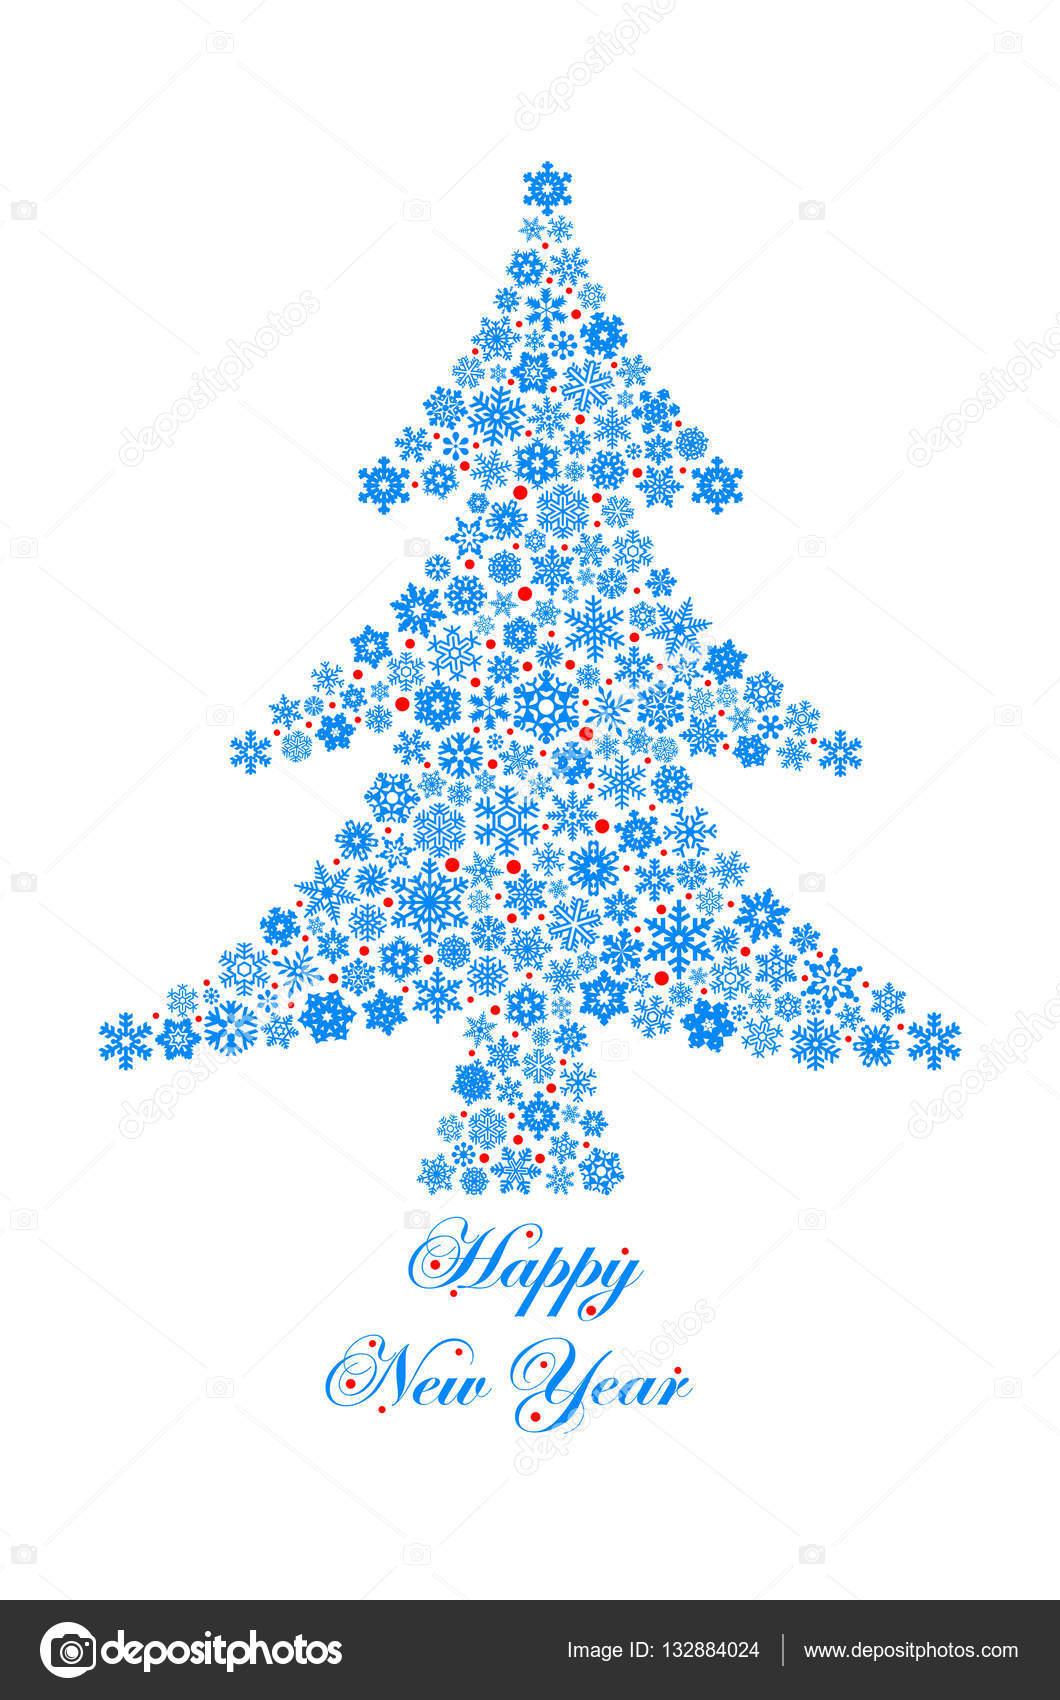 Weihnachtsbaum Gezeichnet.Weihnachtsbaum Gezeichnet Von Schneeflocken Stockfoto Afromeev